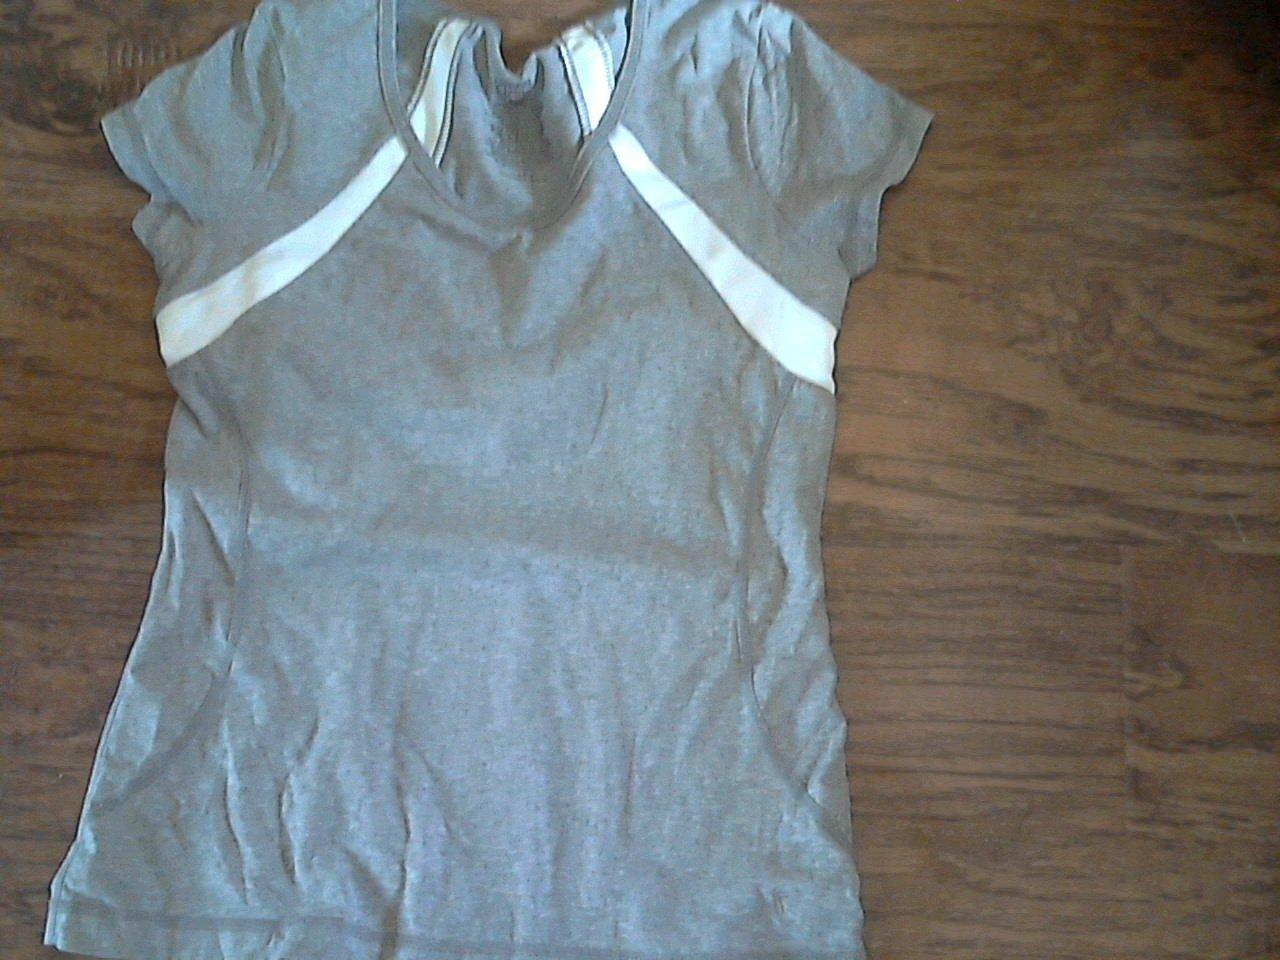 Danskin girl's gray short sleeveless top 4-6